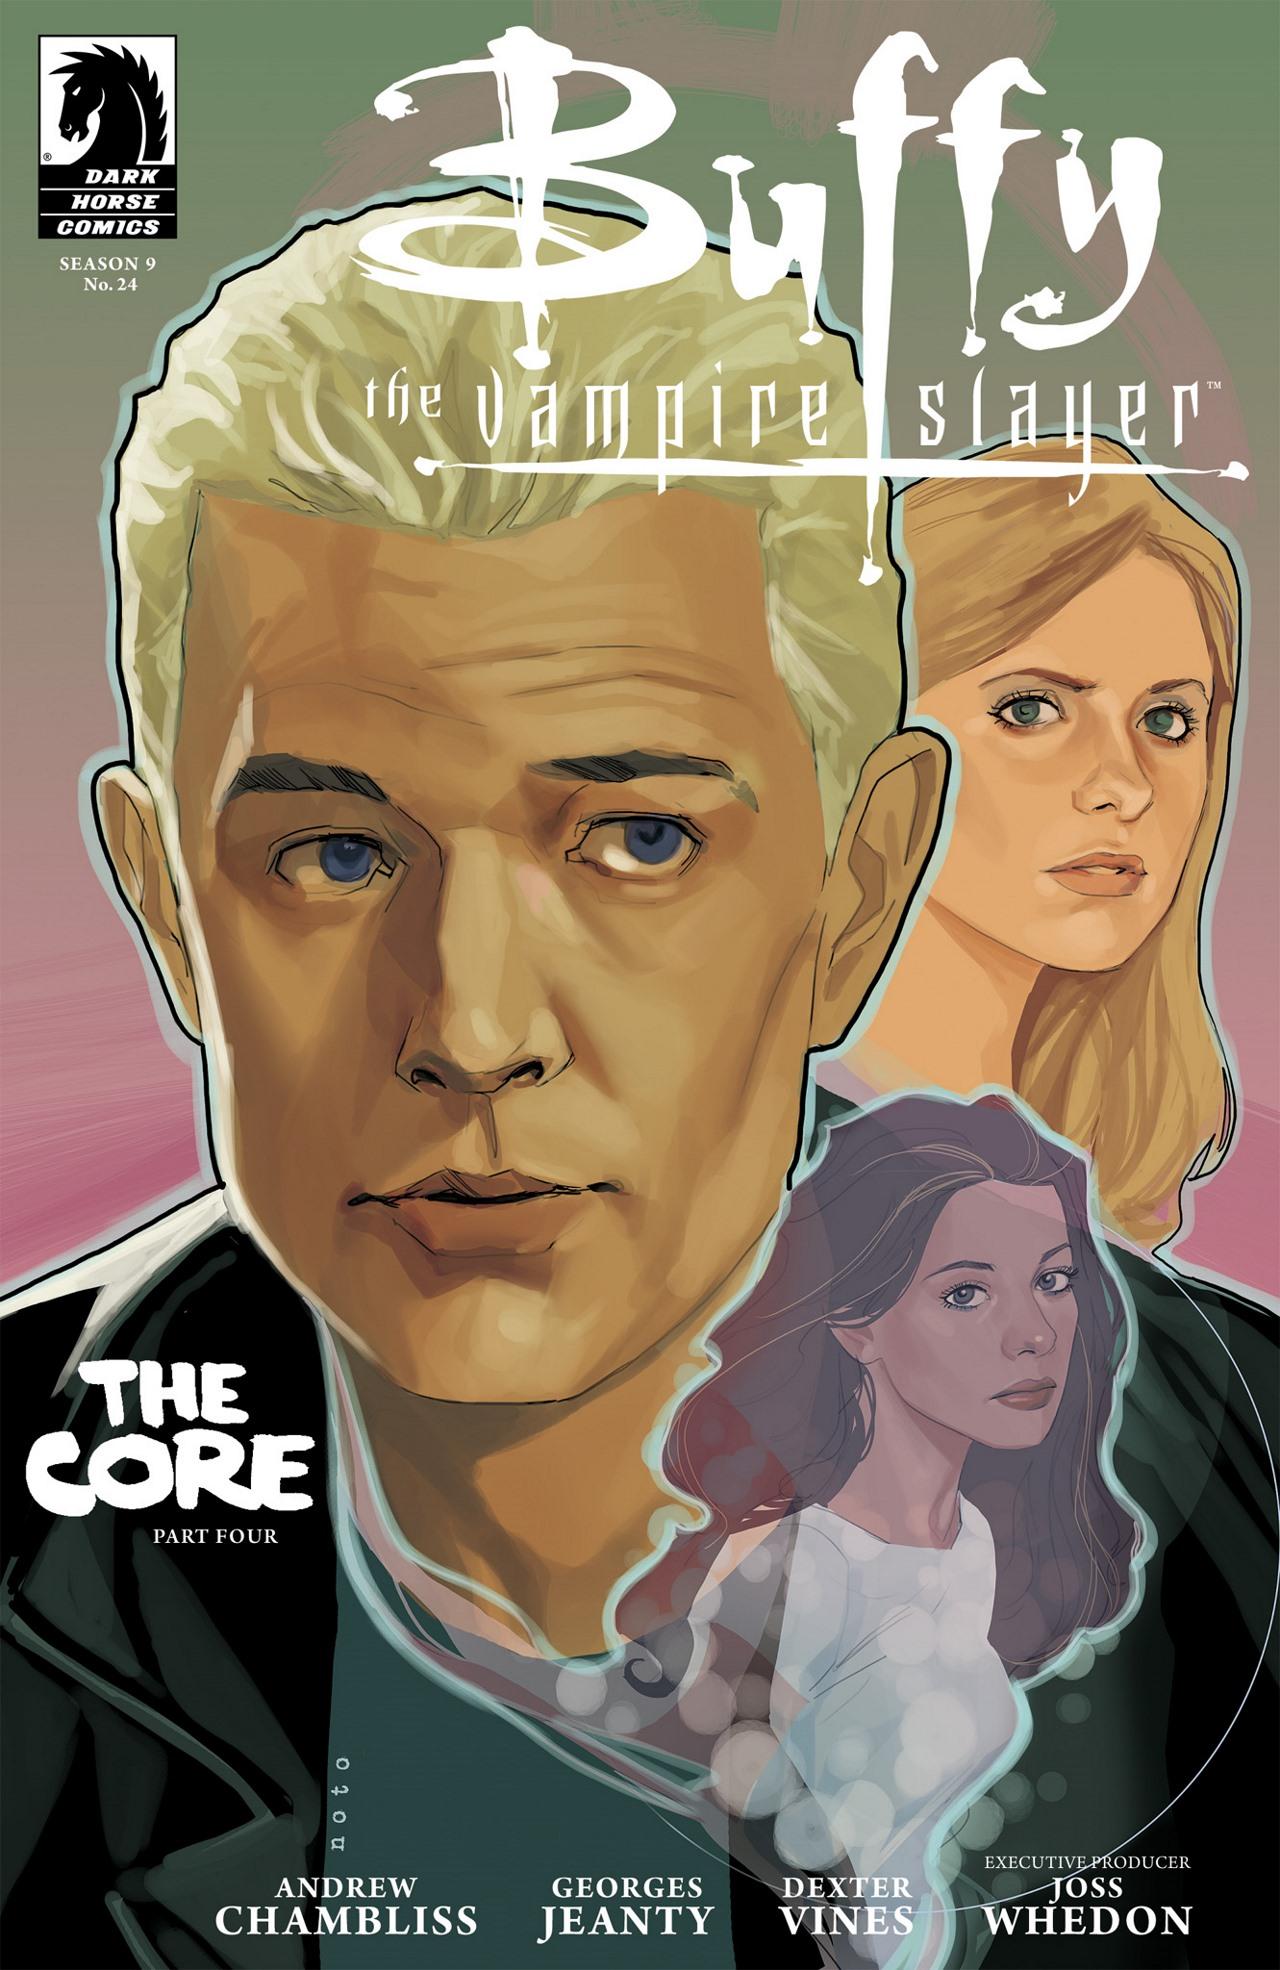 The Core, Part Four